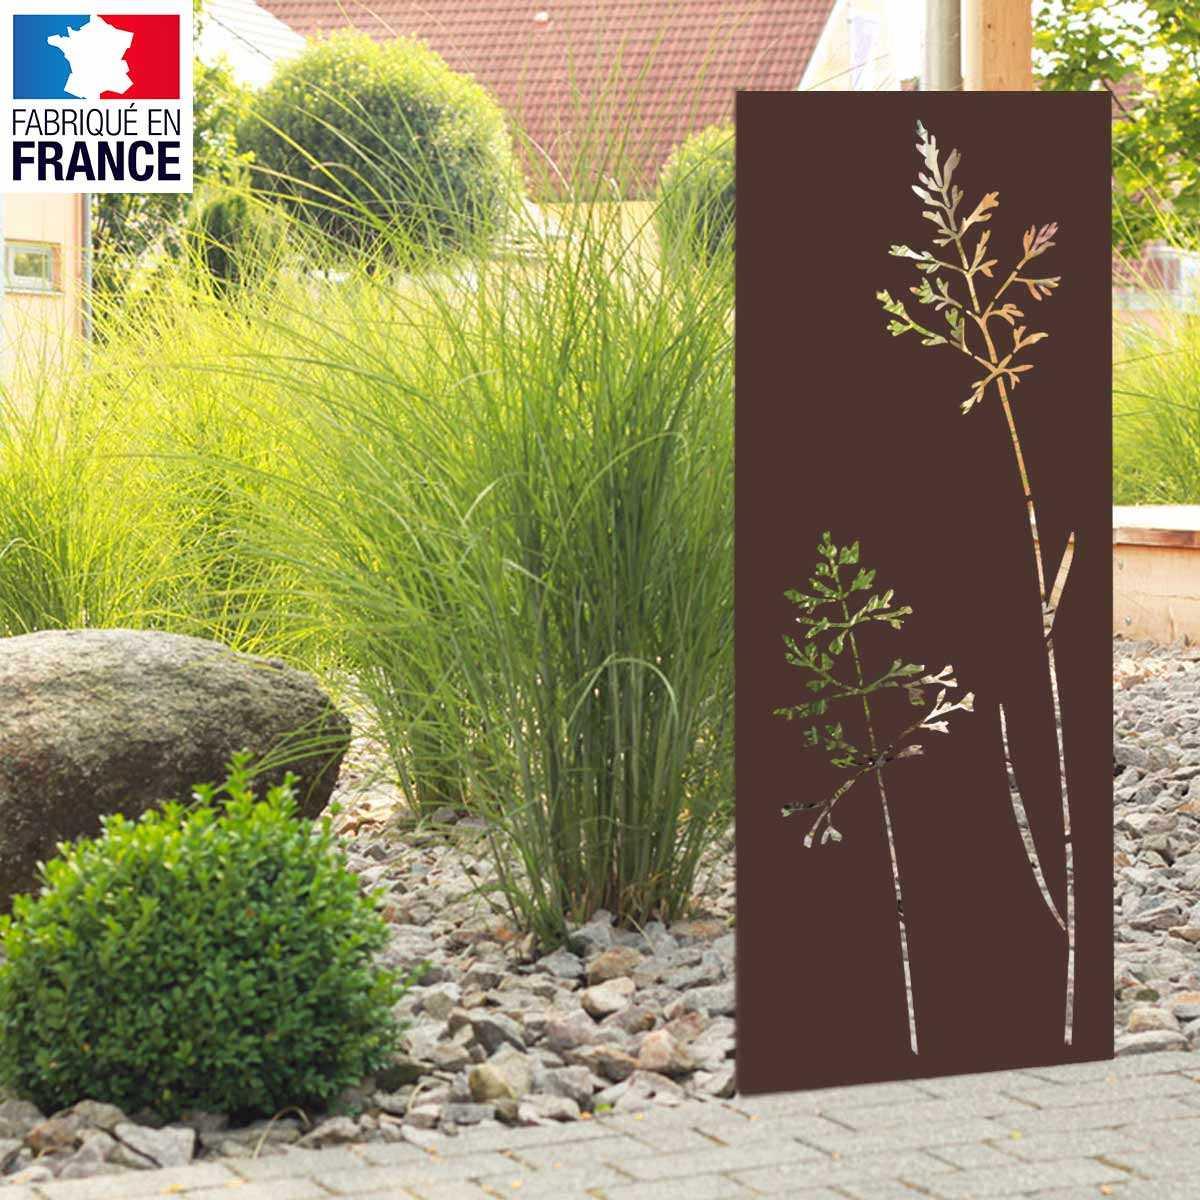 Décoration De Terrasse Extérieure panneau décoratif extérieur en métal h.144 - 180cm - motif végétal